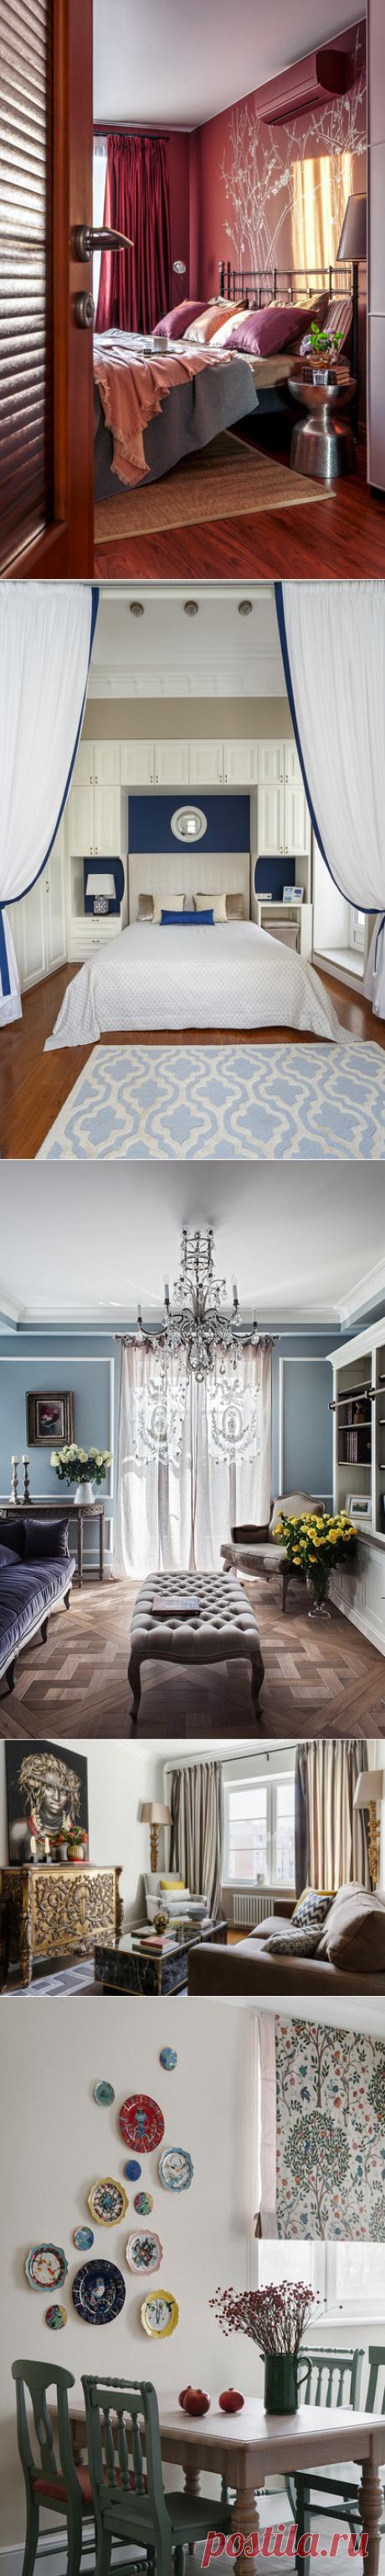 Выбор штор к интерьеру: Как подобрать шторы к обоям, стенам, мебели и другим деталям интерьра   Houzz Россия